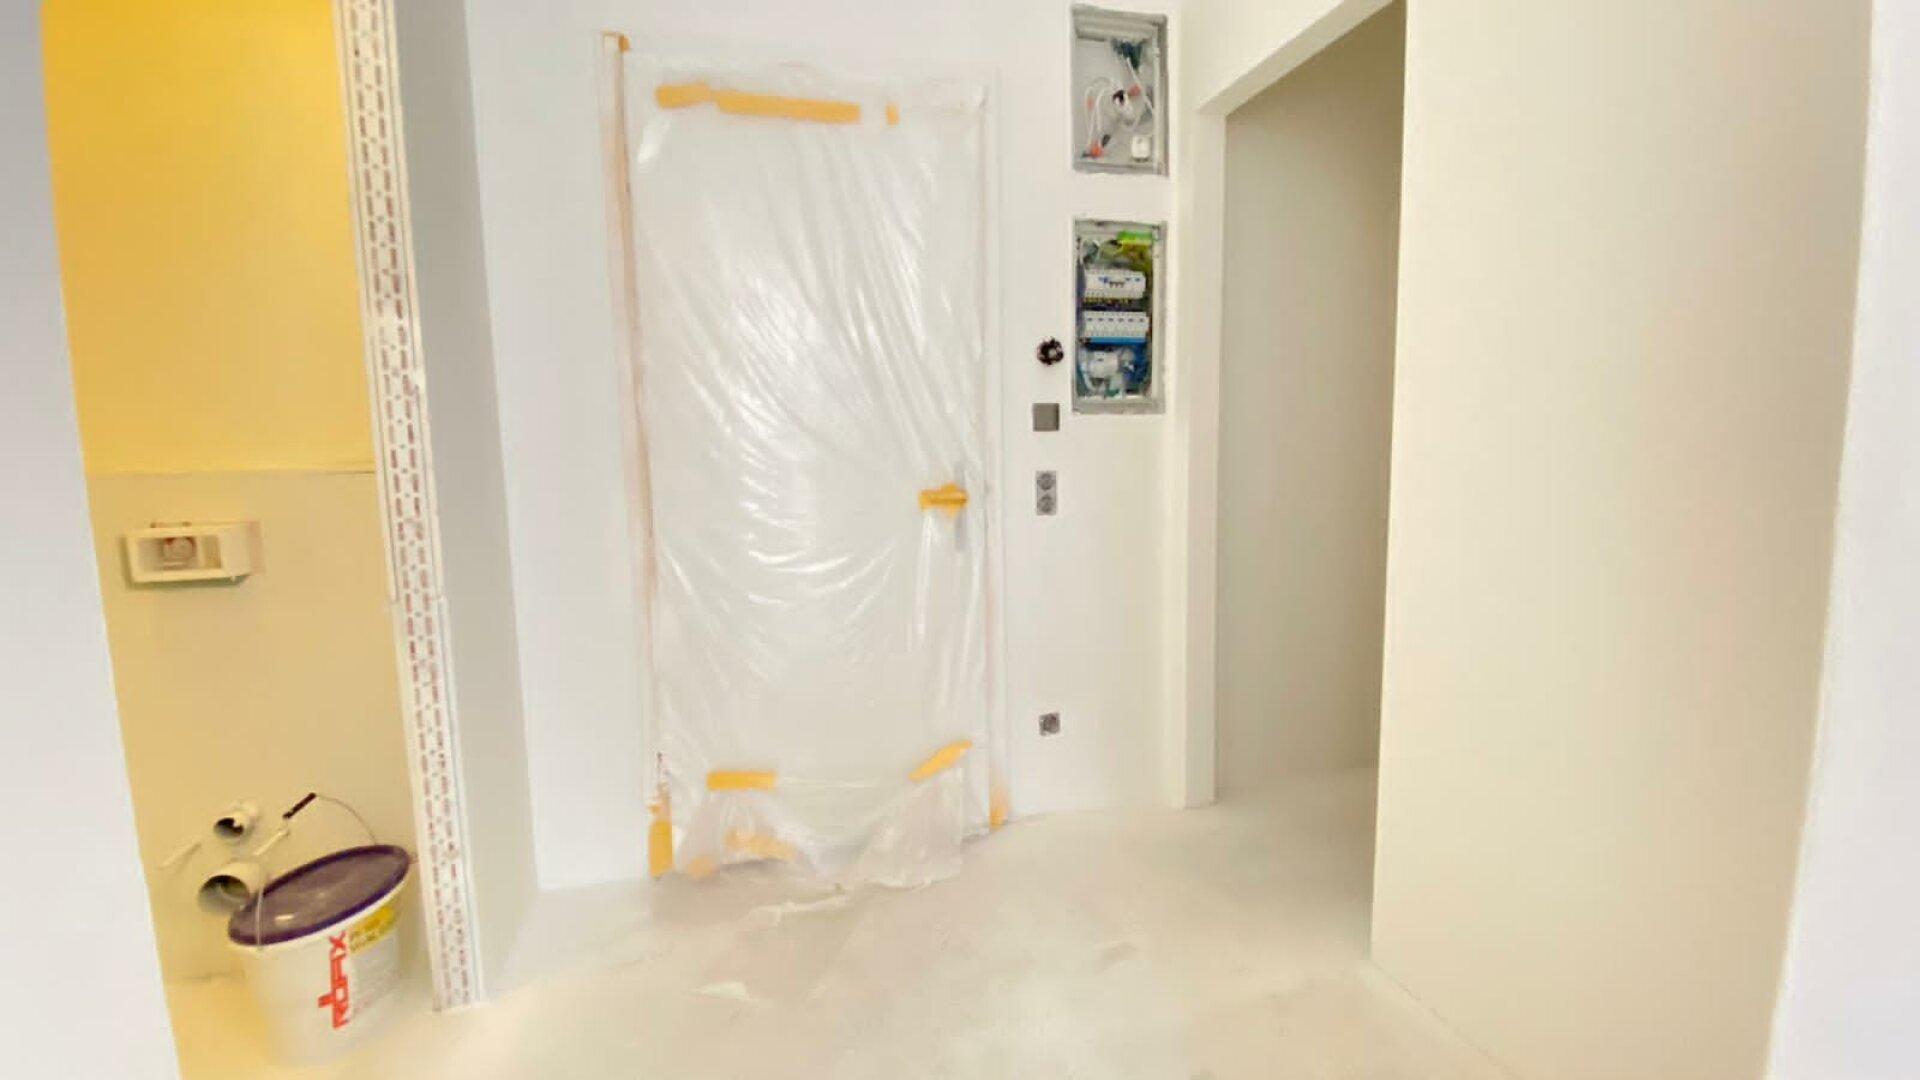 Vorraum - Zugang Toilette und Abstellraum